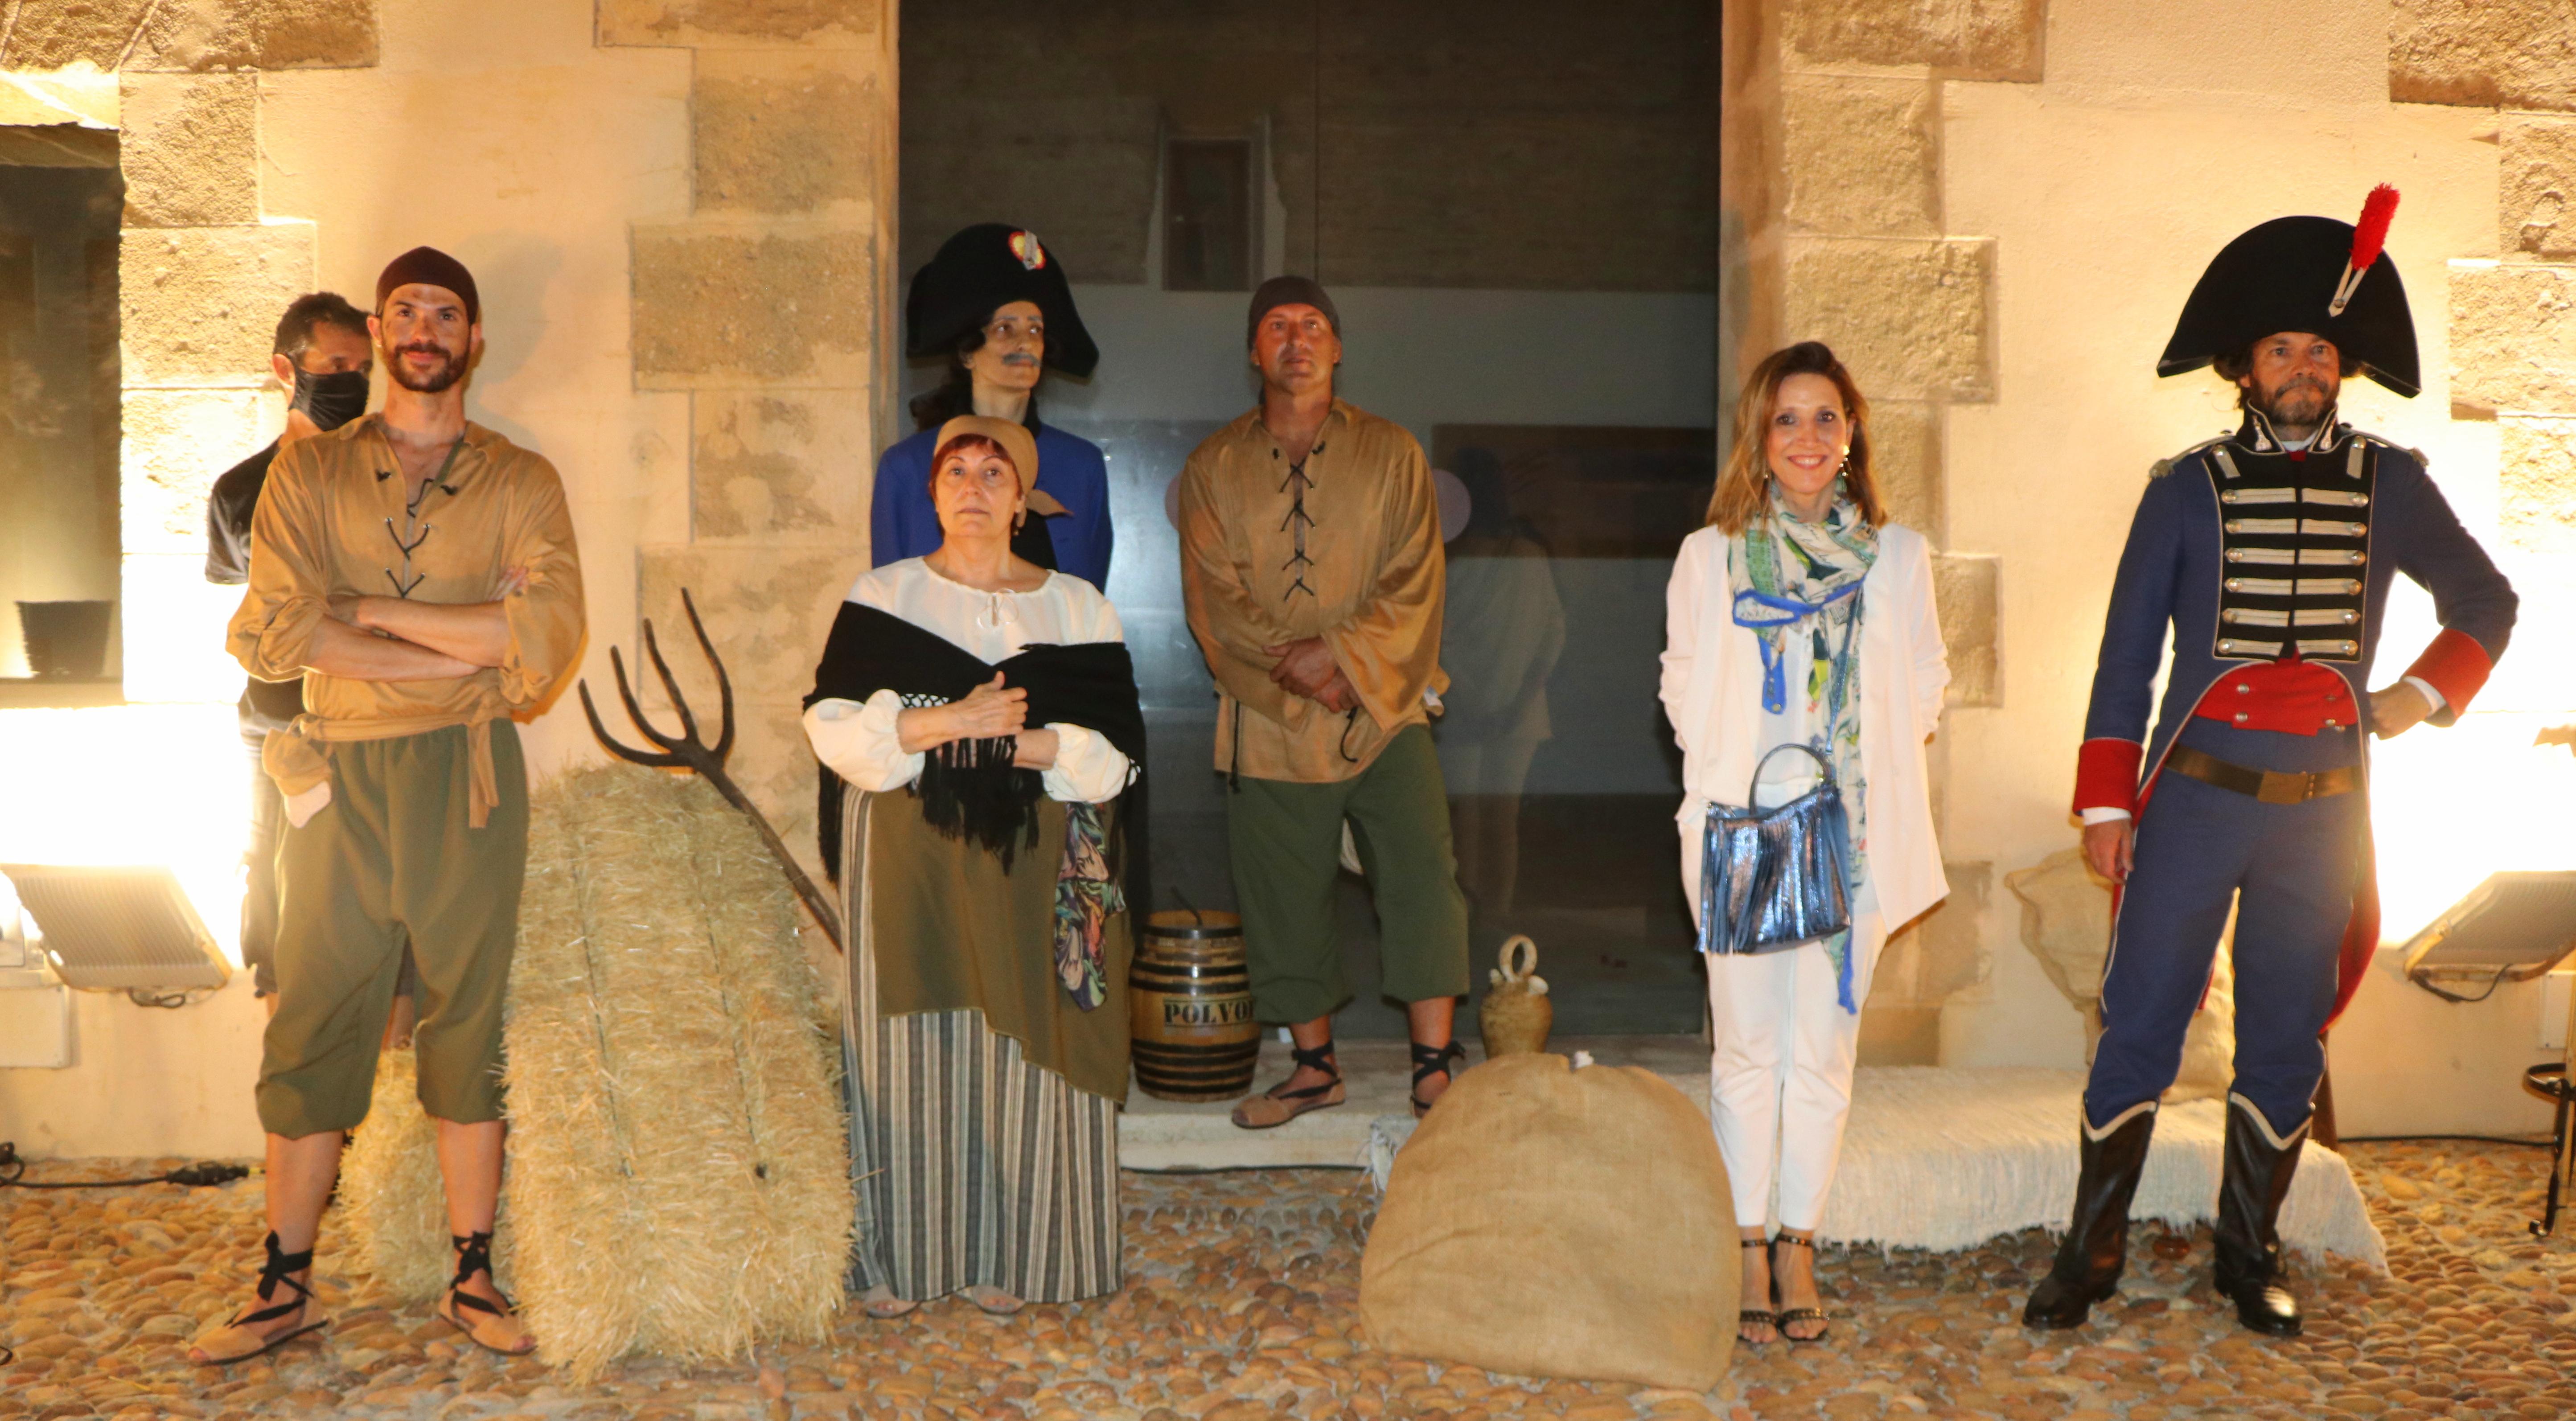 El Castillo de Guardias Viejas de El Ejido custodia este verano una histórica 'puerta del tiempo' que traslada al espectador hasta el siglo XIX